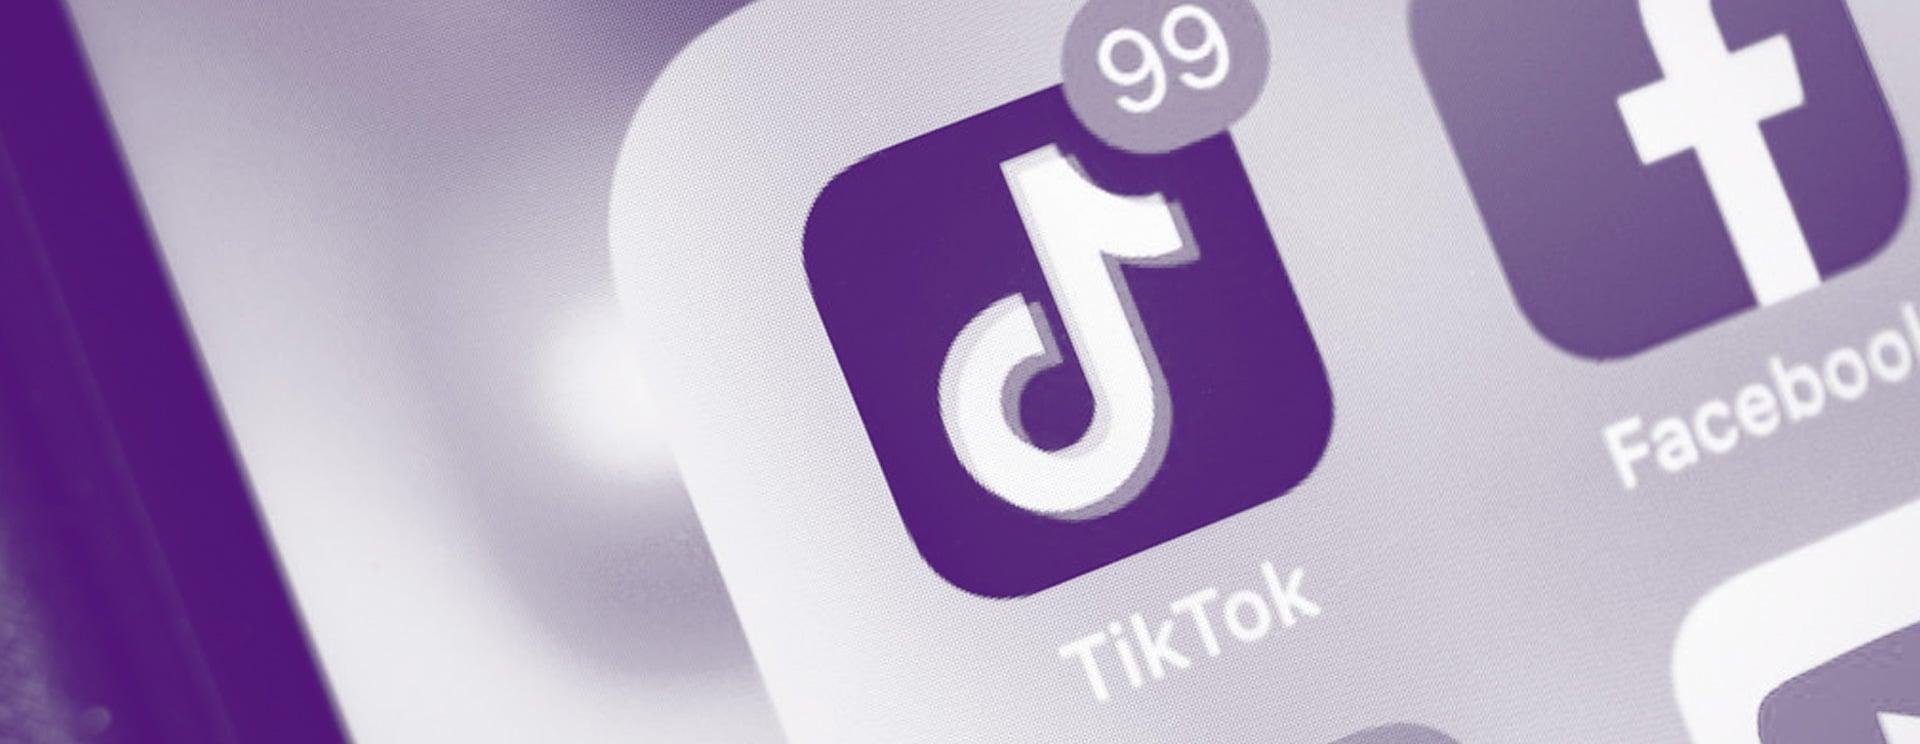 Estrategia de redes sociales: TikTok